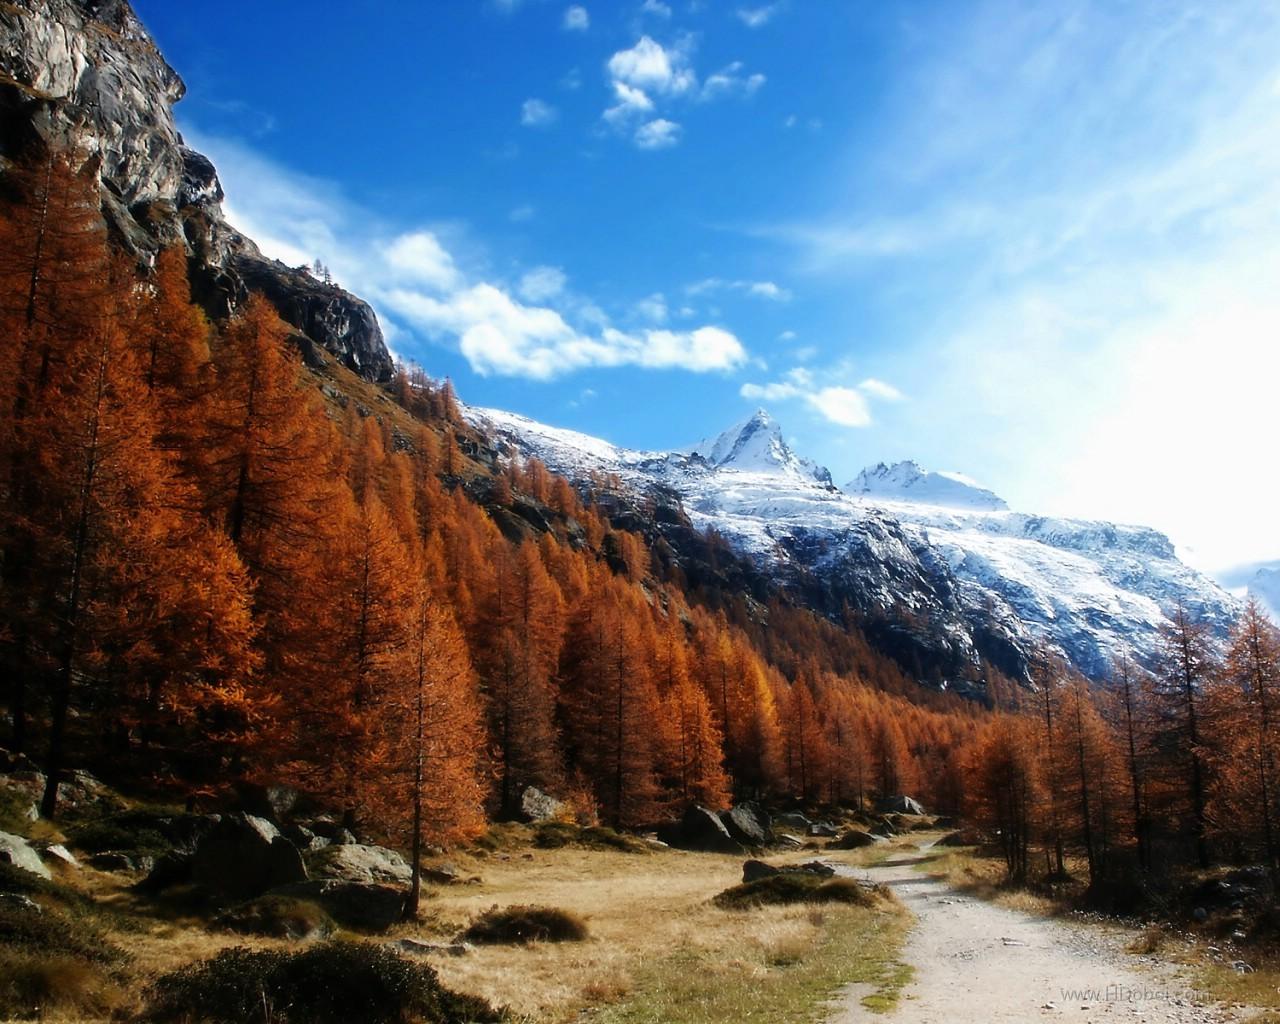 10858 скачать обои Пейзаж, Деревья, Небо, Дороги, Горы, Осень - заставки и картинки бесплатно